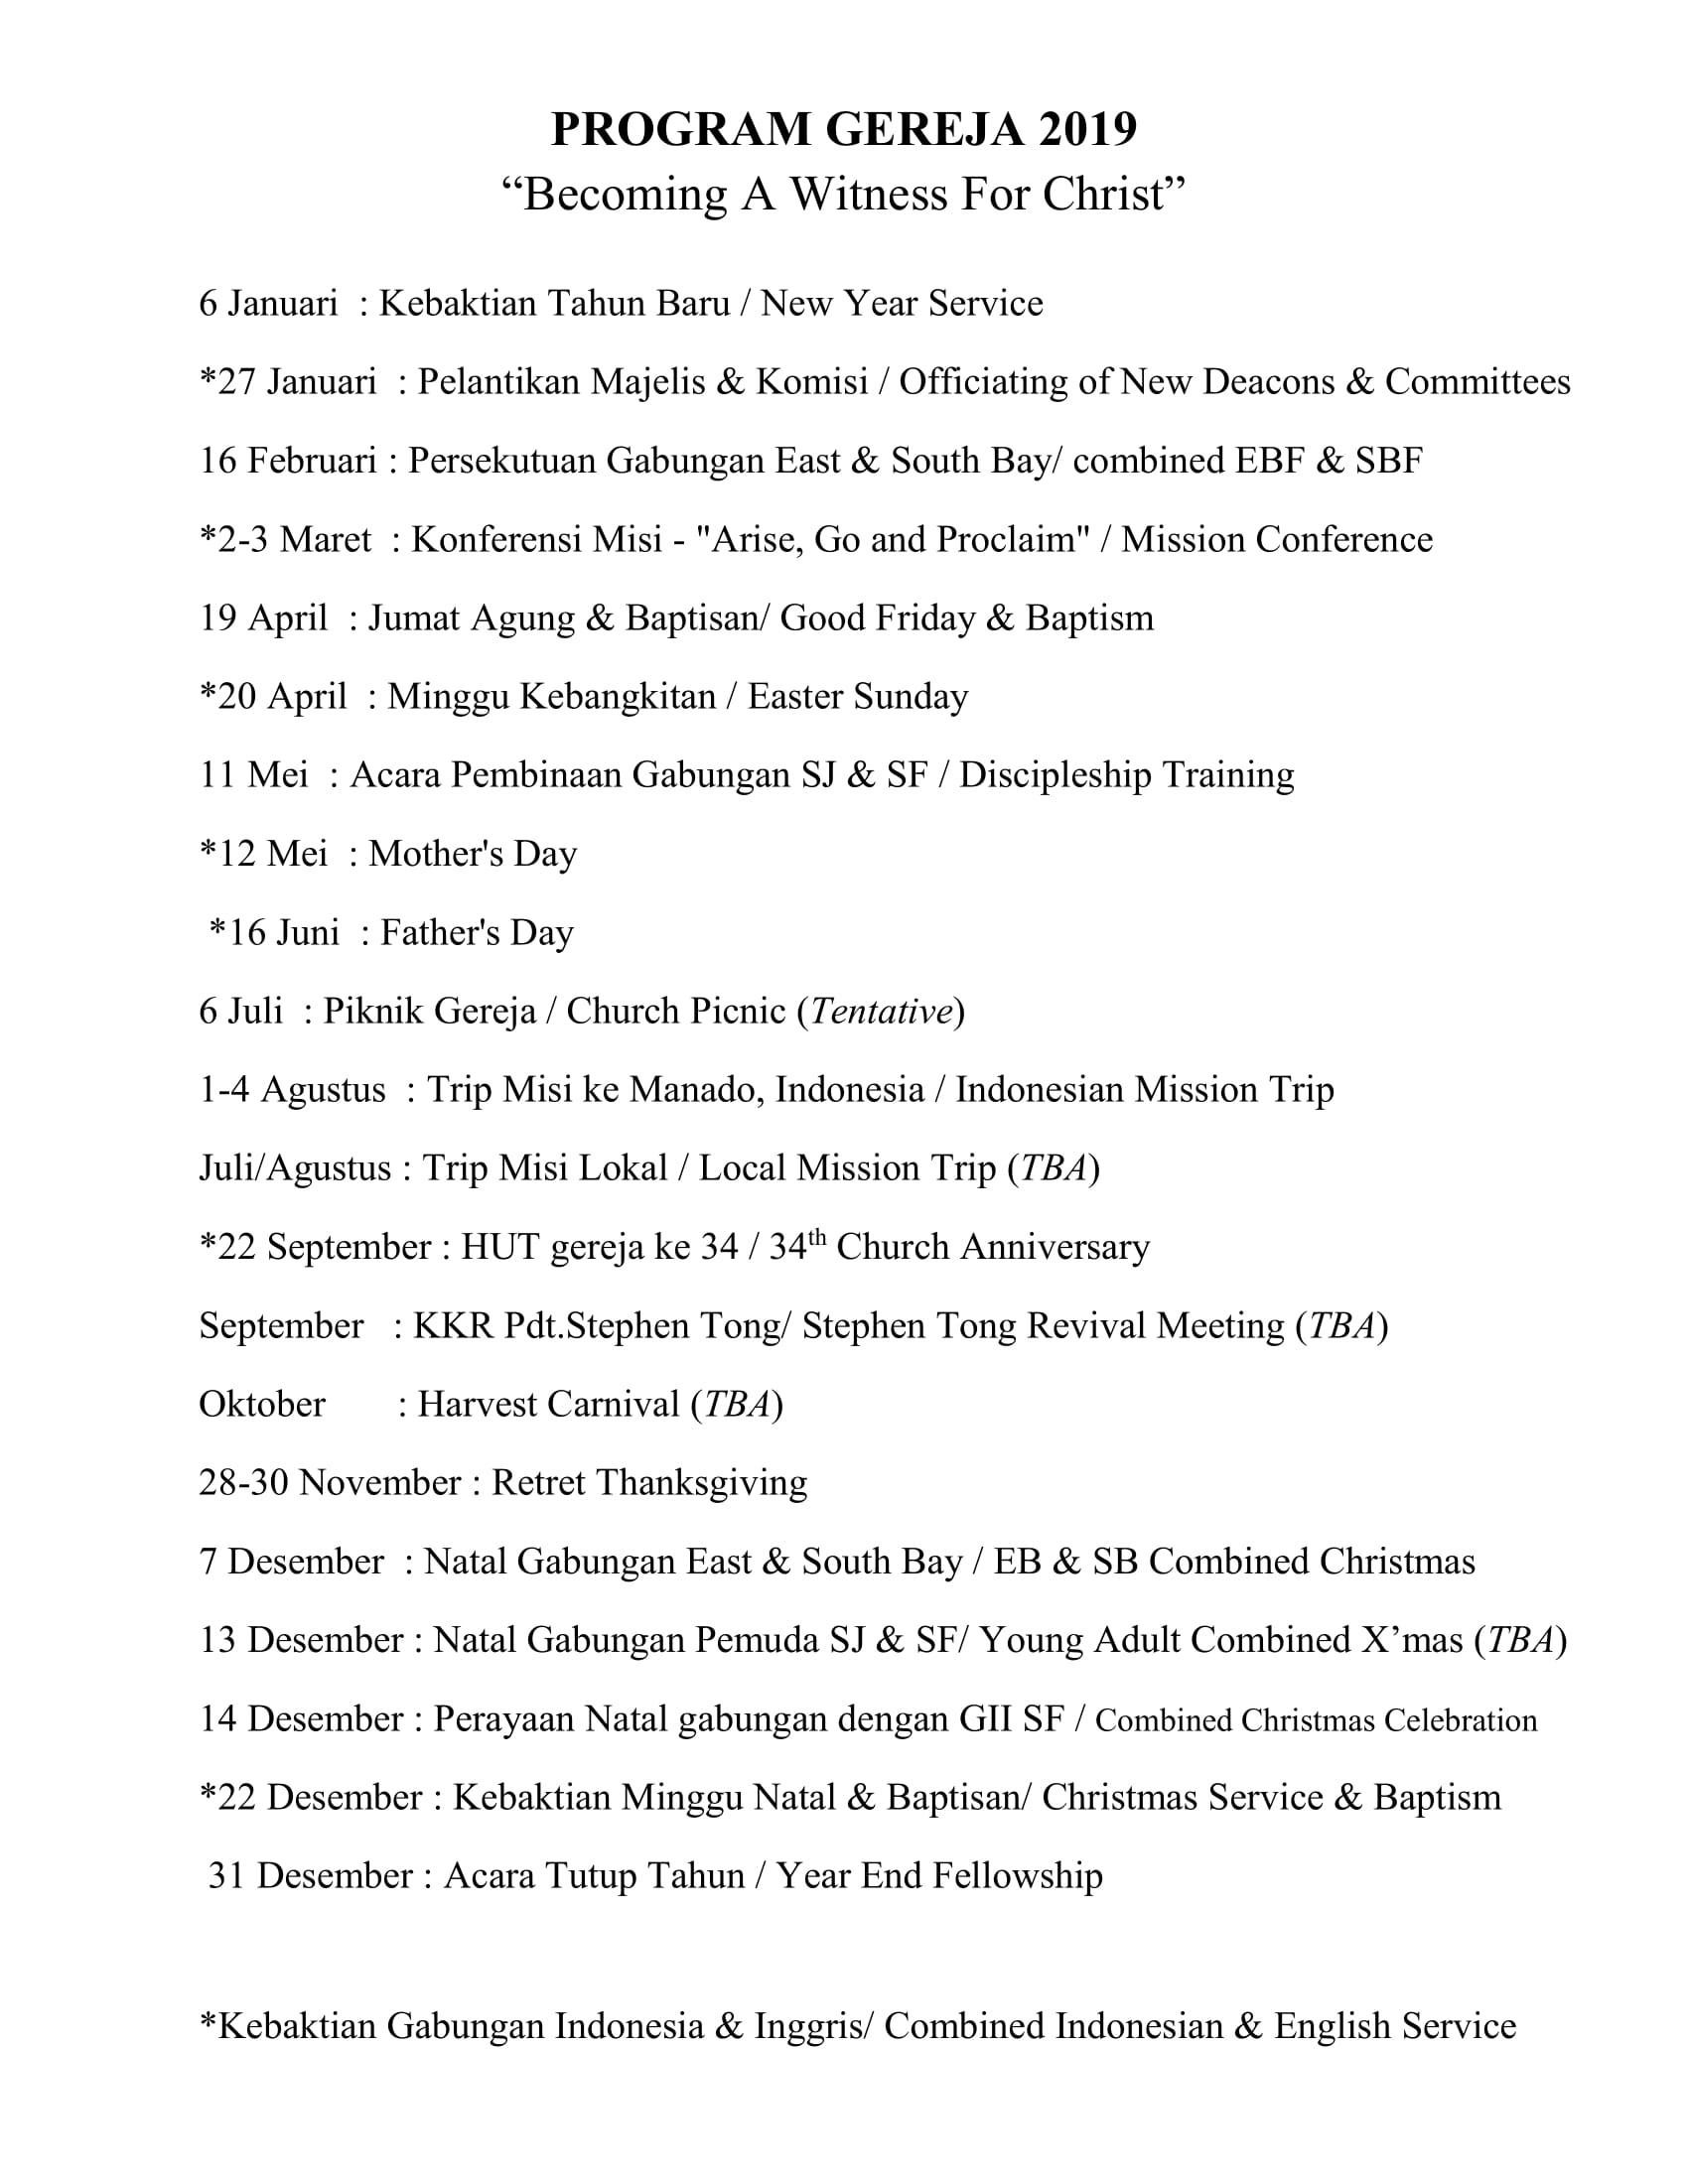 Program-Gereja-2019